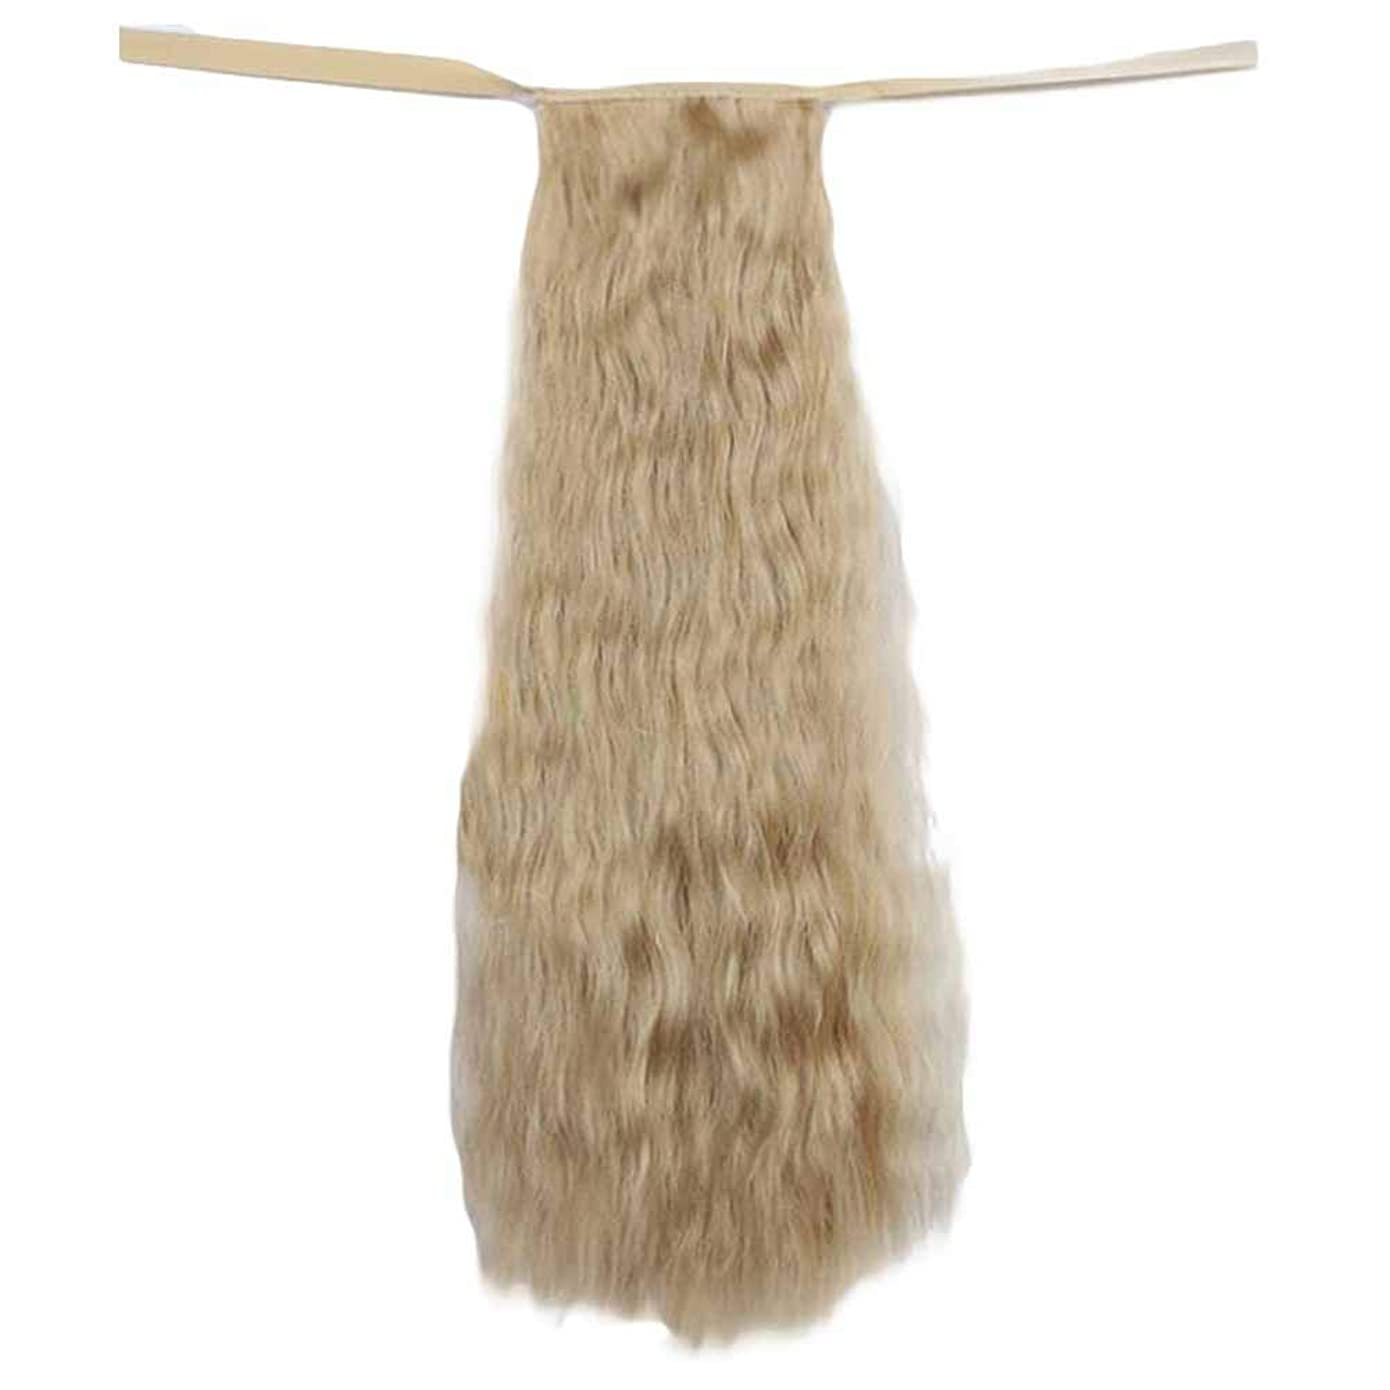 ピカリング伝統的容疑者ブロンドヘア50センチメートル長いカーリーヘアウィッグ合成ヘアウィッグヘアエクステンションポニーテール